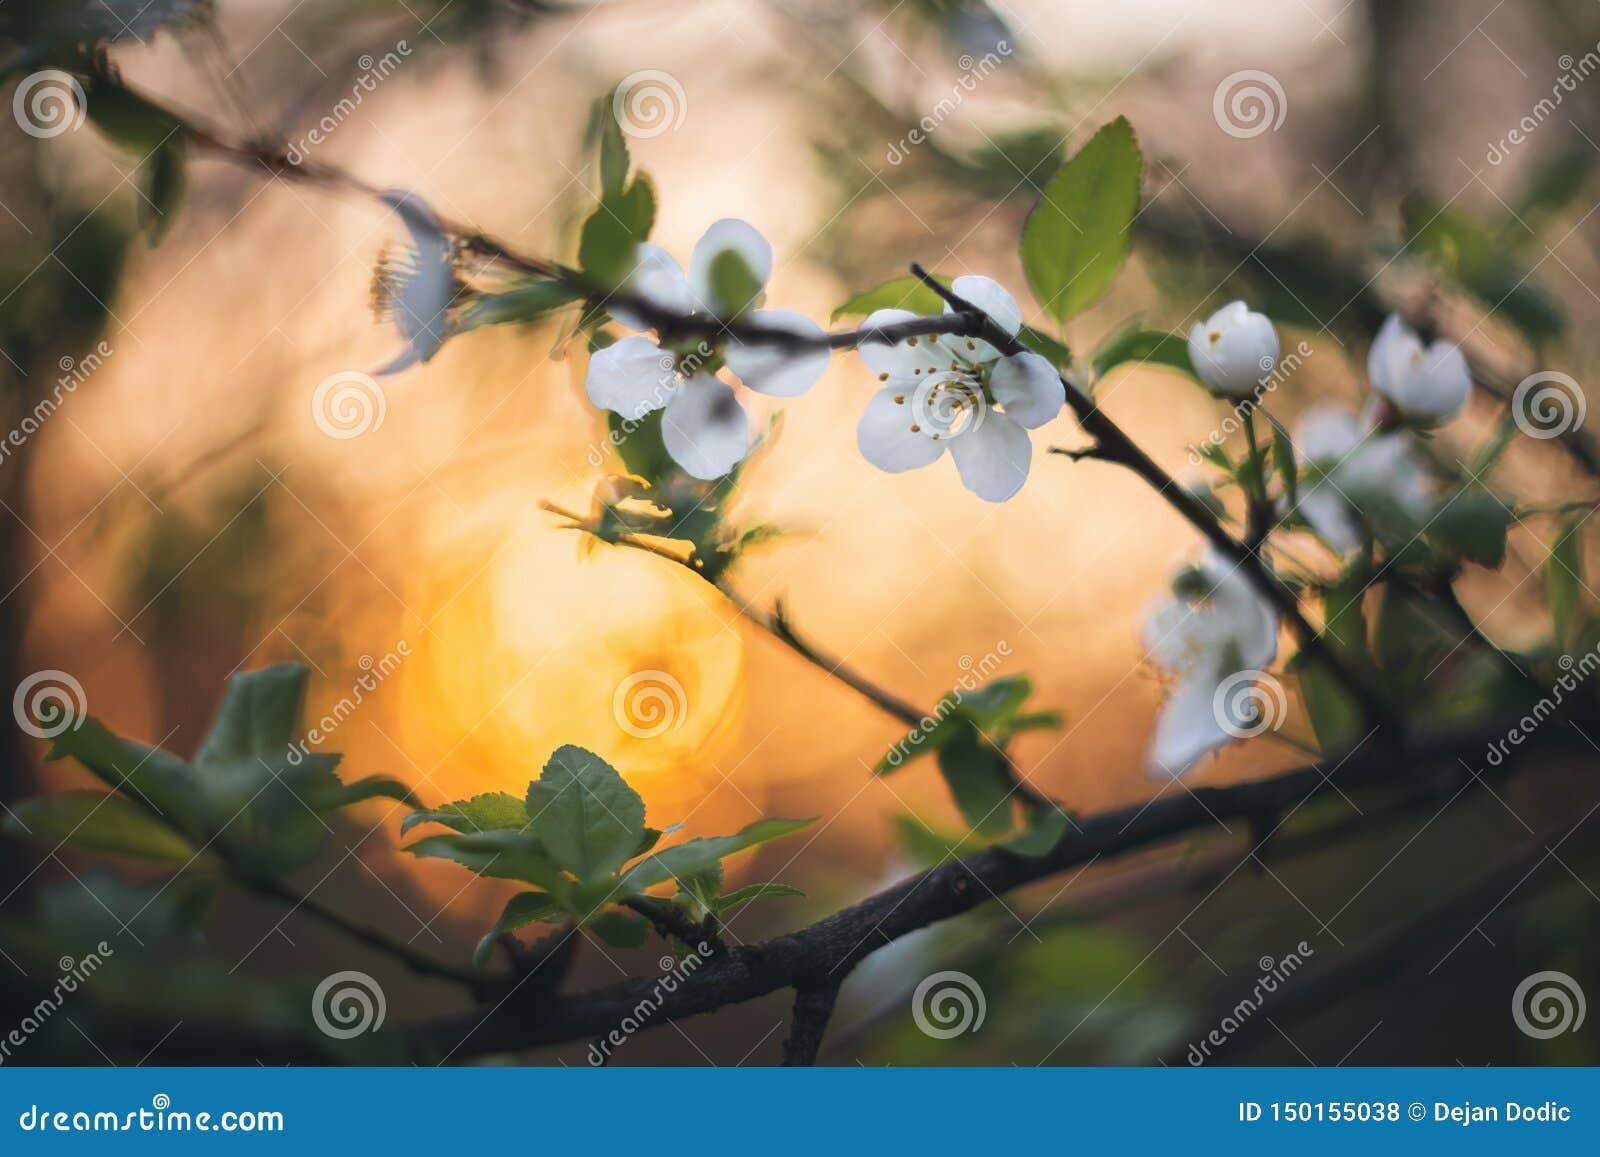 Spring blooms at sunset